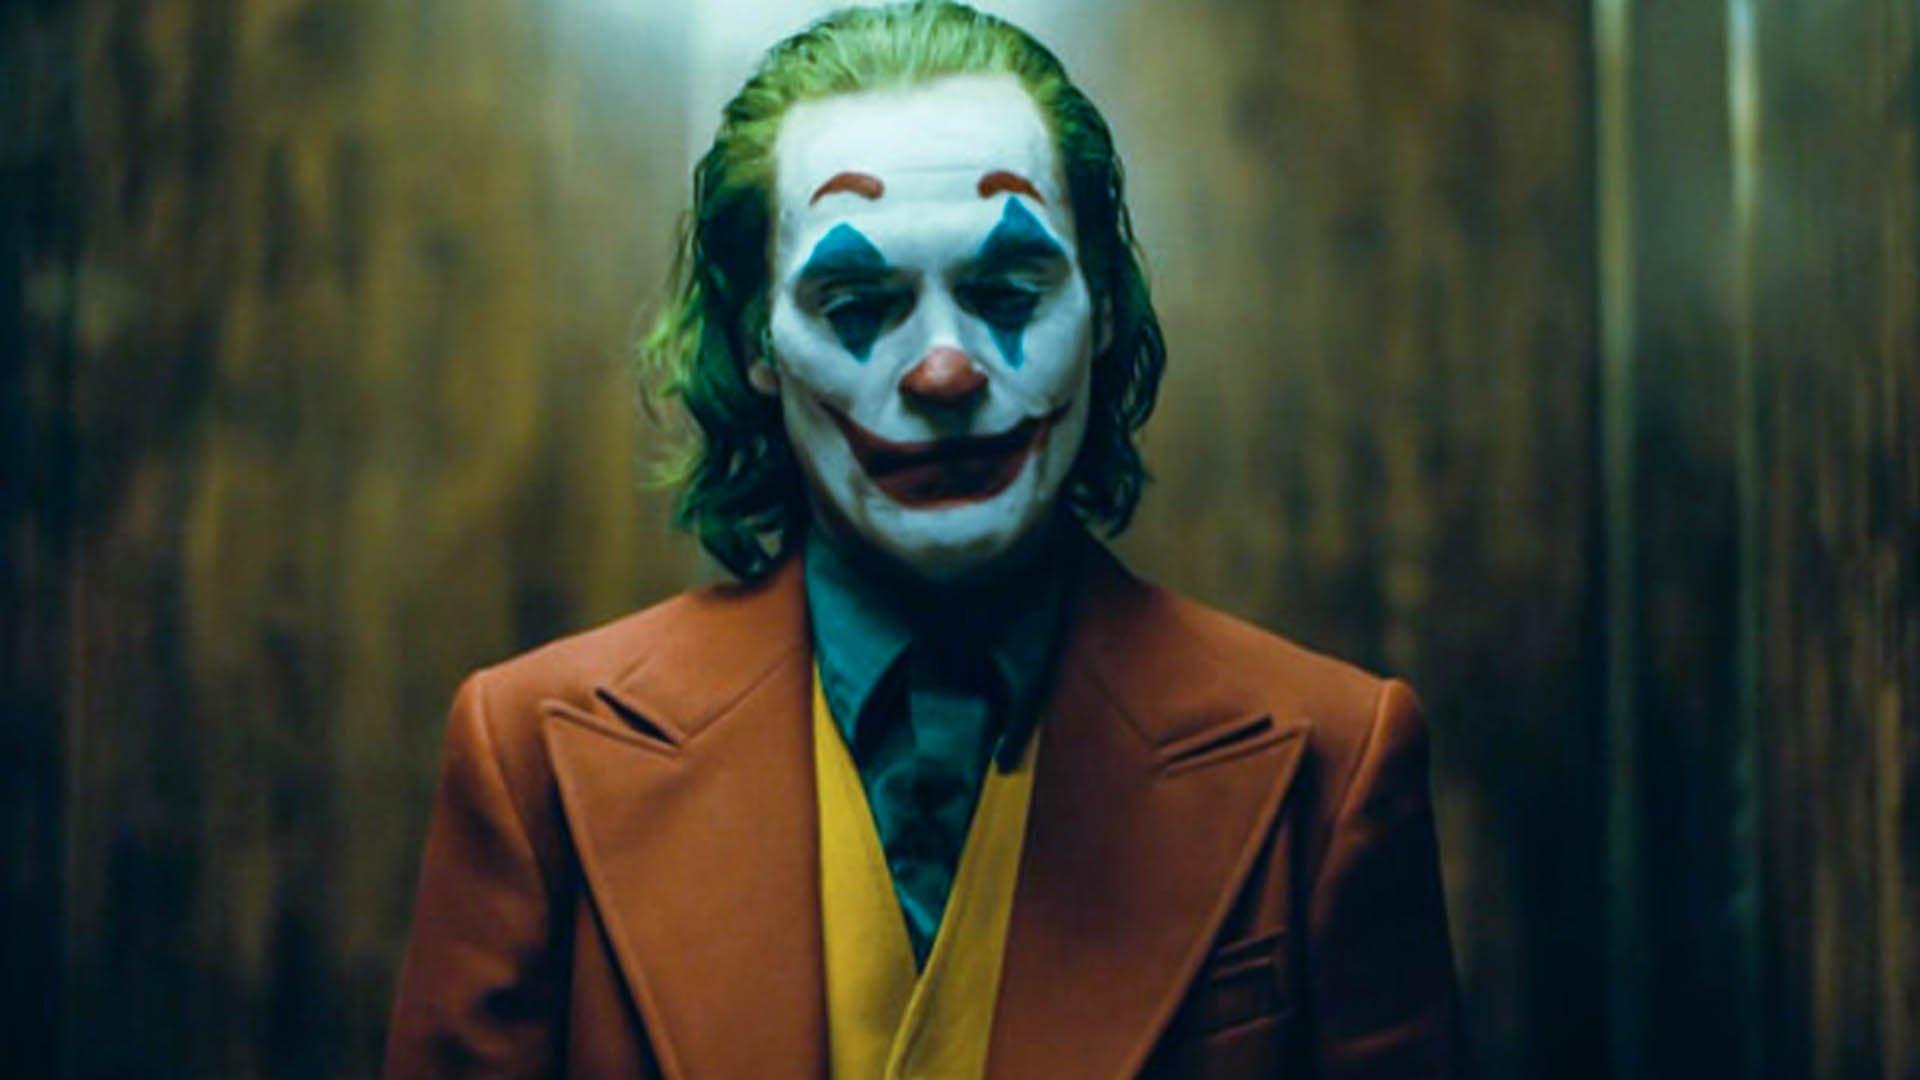 Il Joker di Joaquin Phoenix incarna l